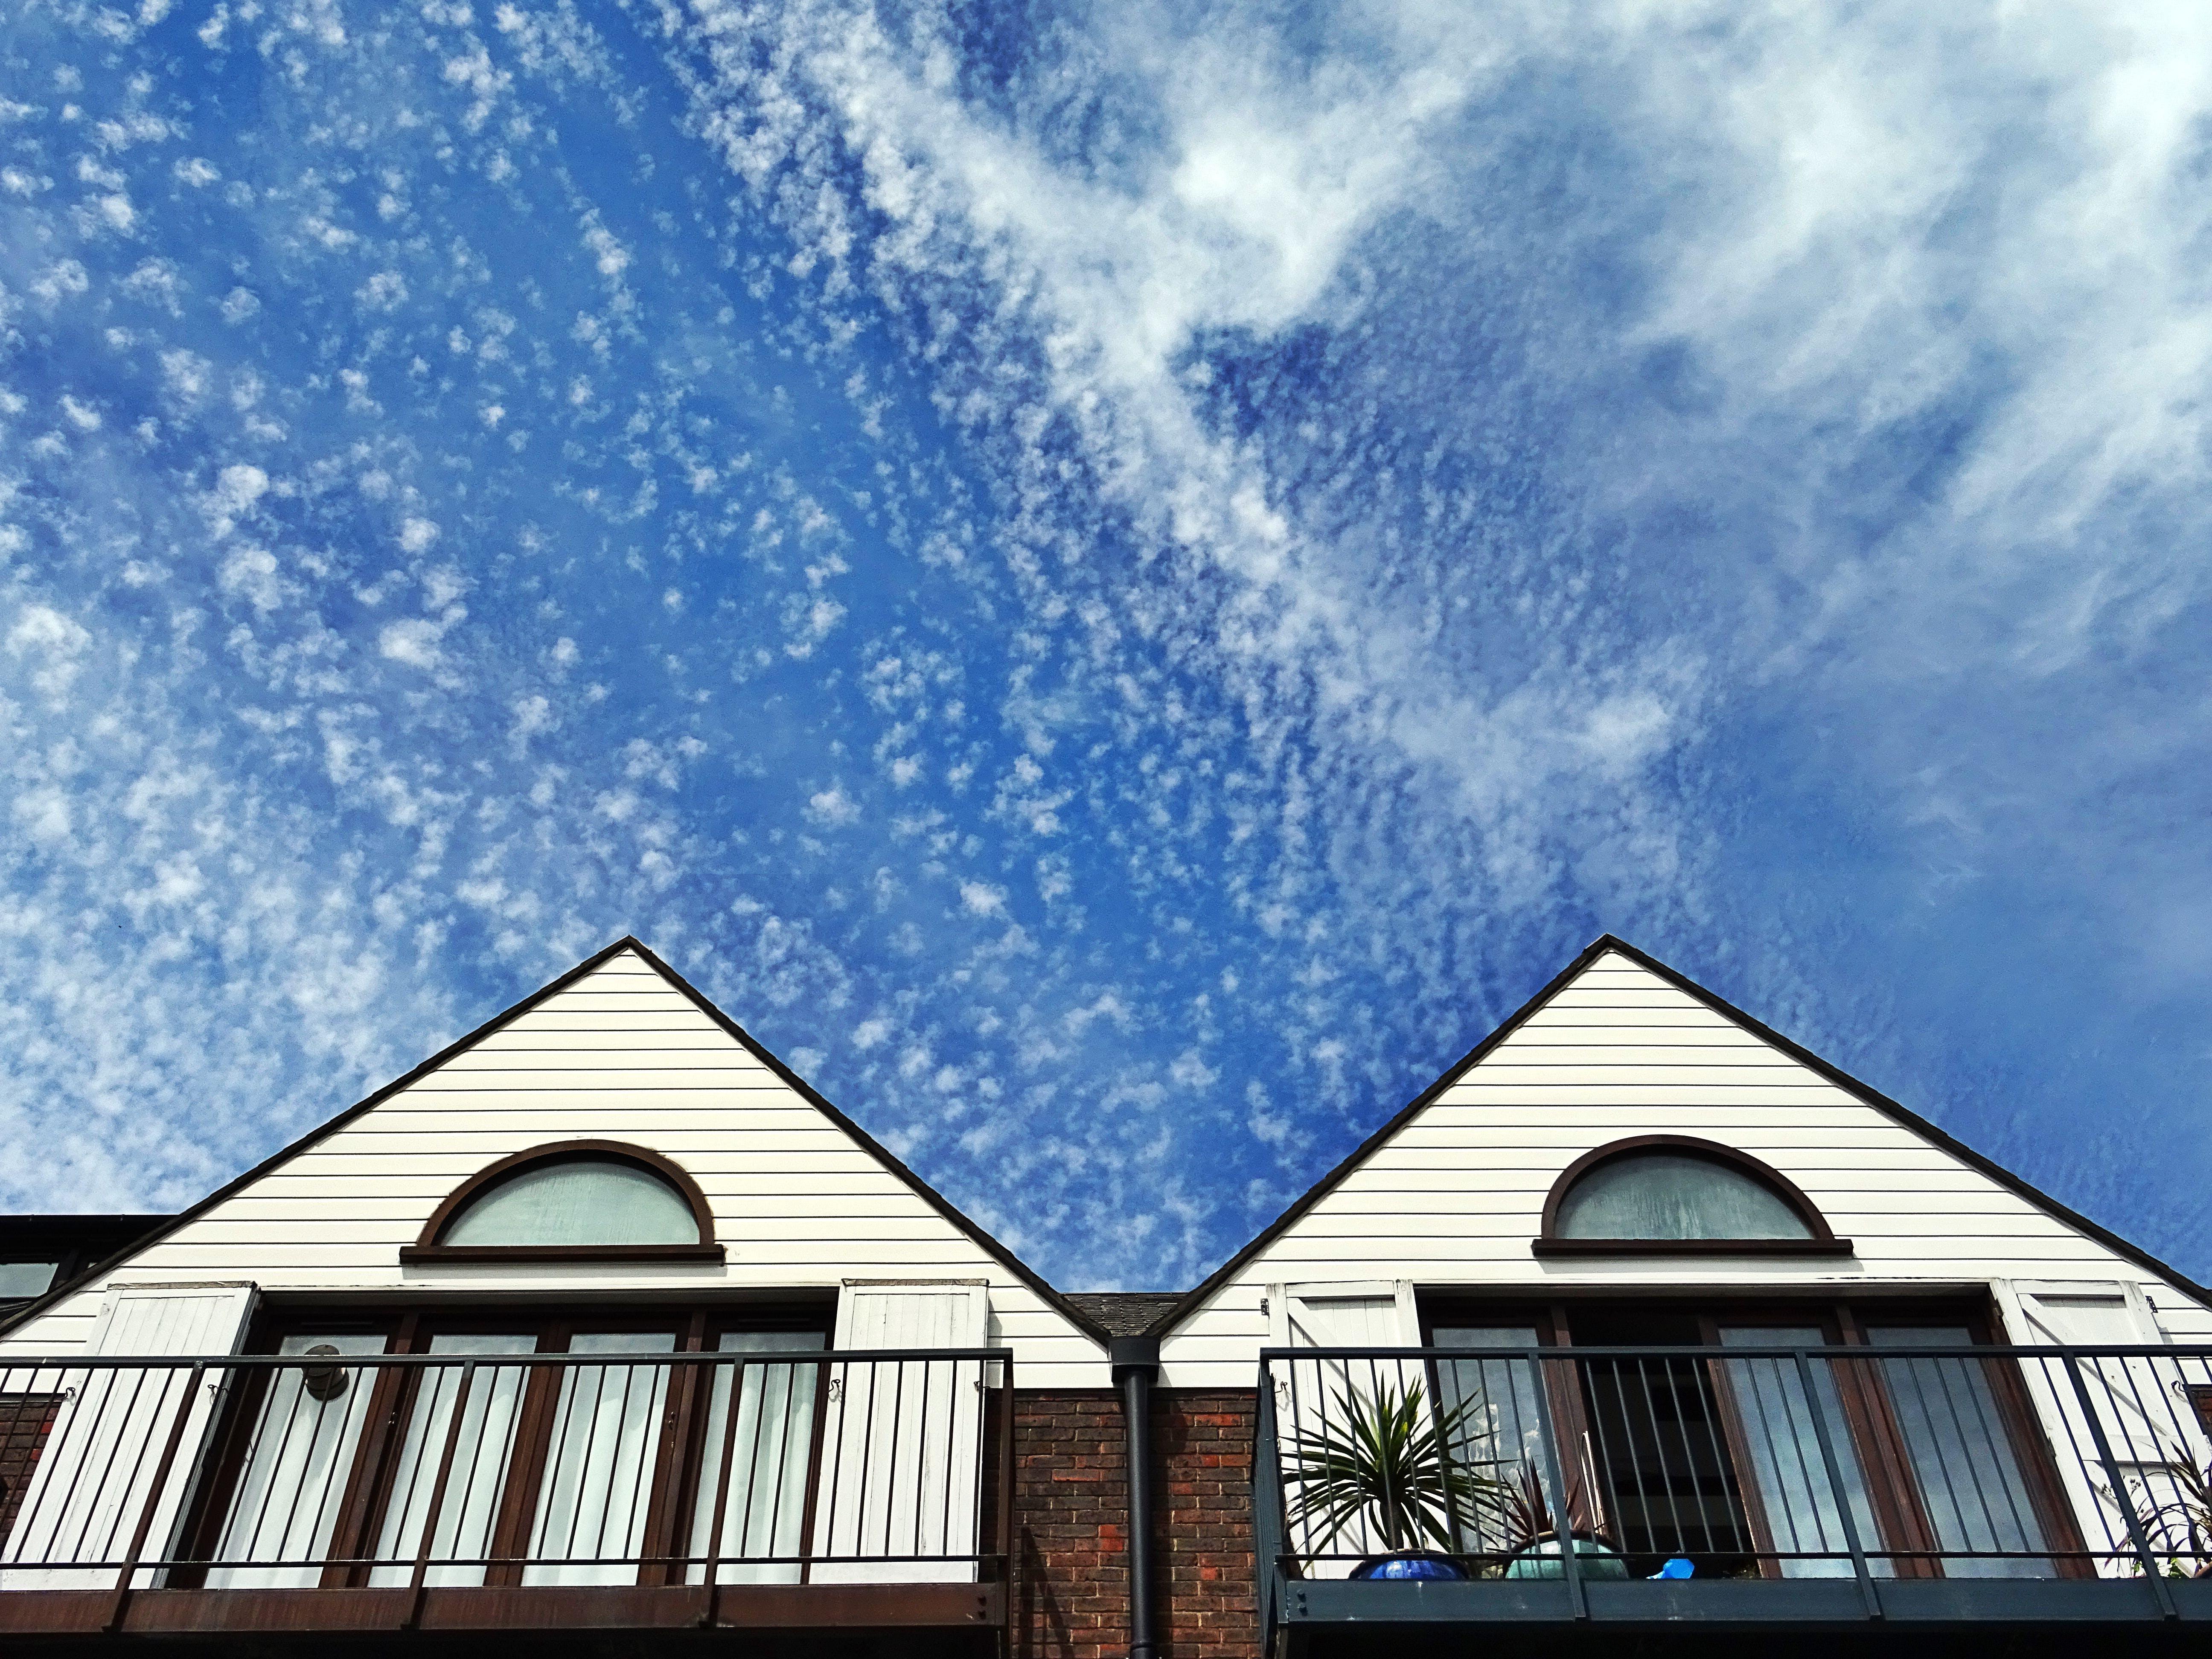 Foto stok gratis Arsitektur, bangunan, bidikan sudut sempit, langit